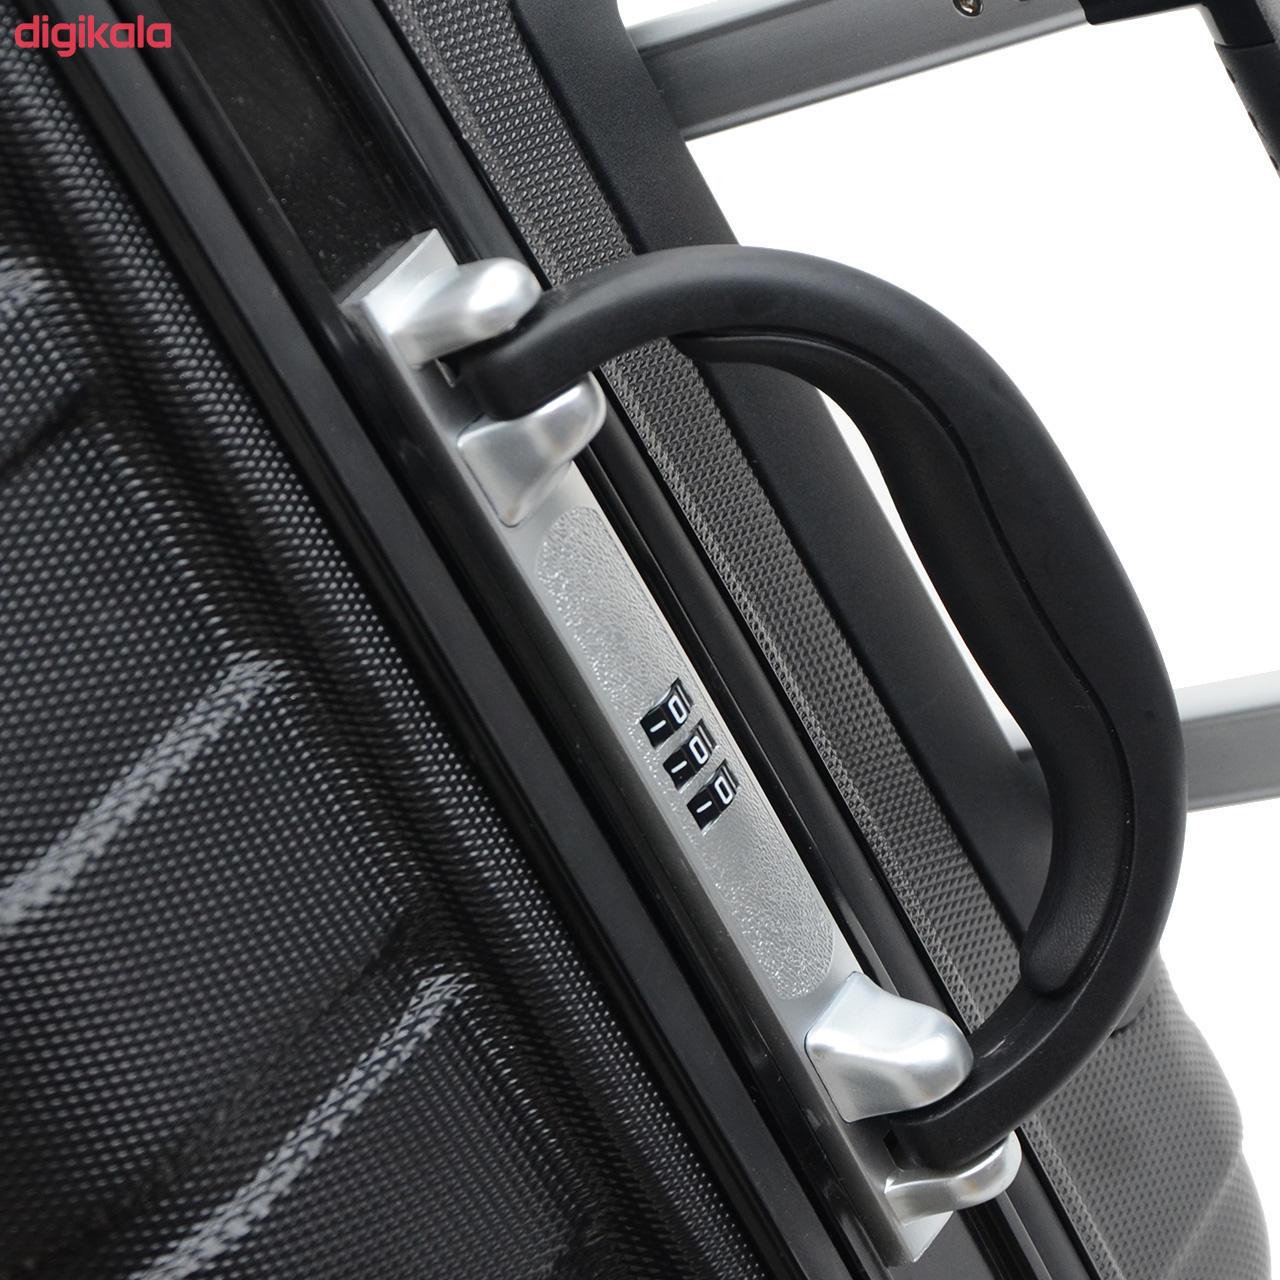 چمدان خلبانی هما مدل 600025 main 1 5